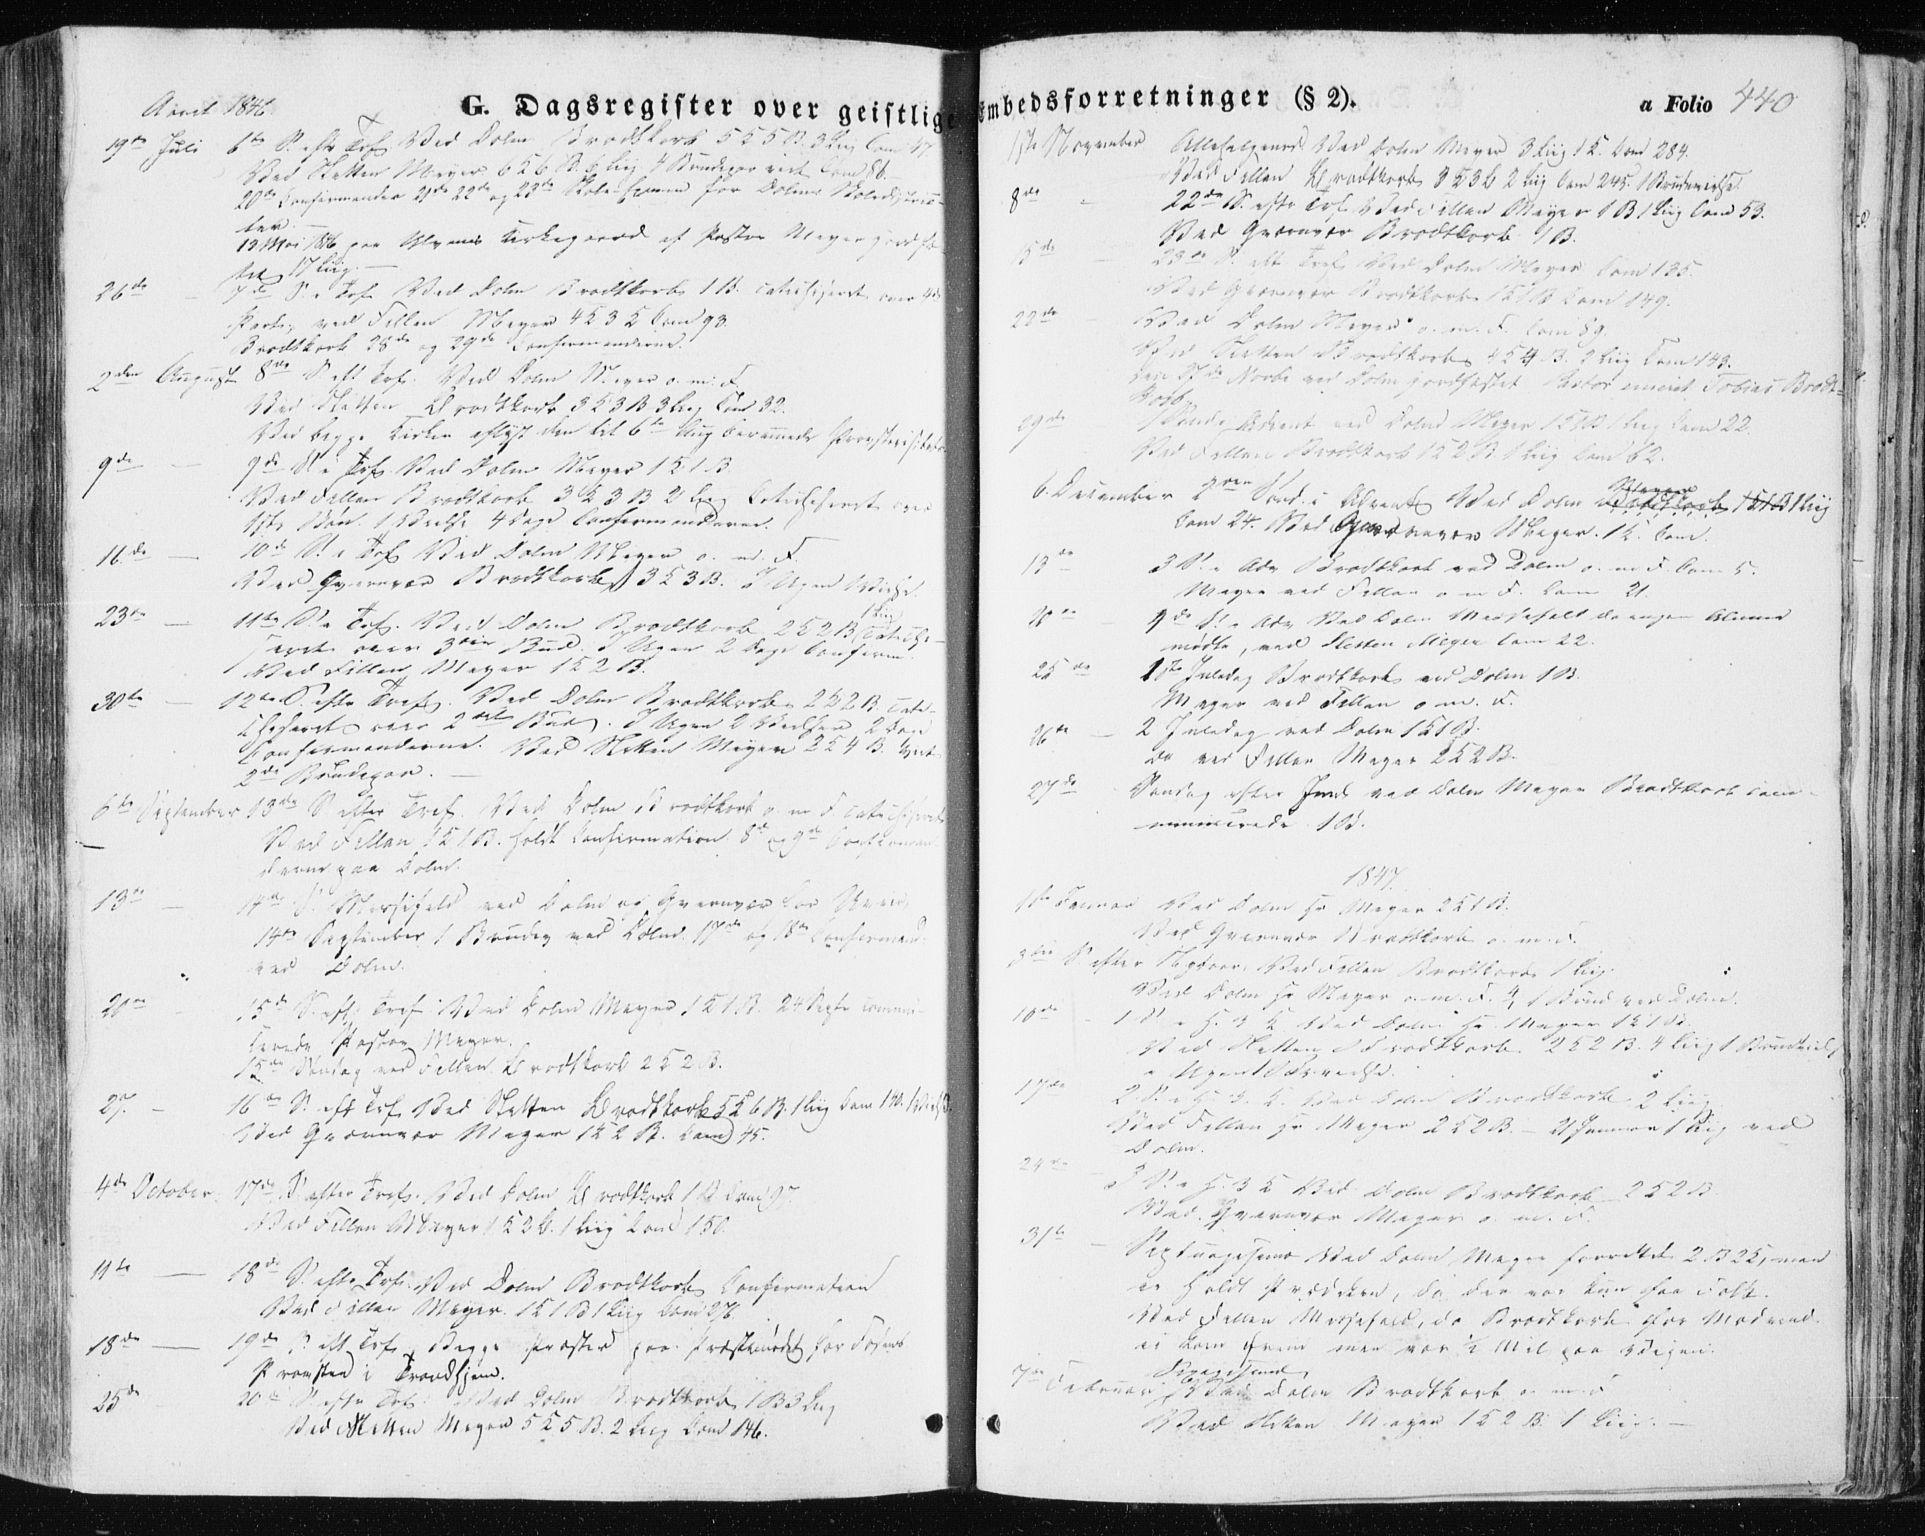 SAT, Ministerialprotokoller, klokkerbøker og fødselsregistre - Sør-Trøndelag, 634/L0529: Ministerialbok nr. 634A05, 1843-1851, s. 440